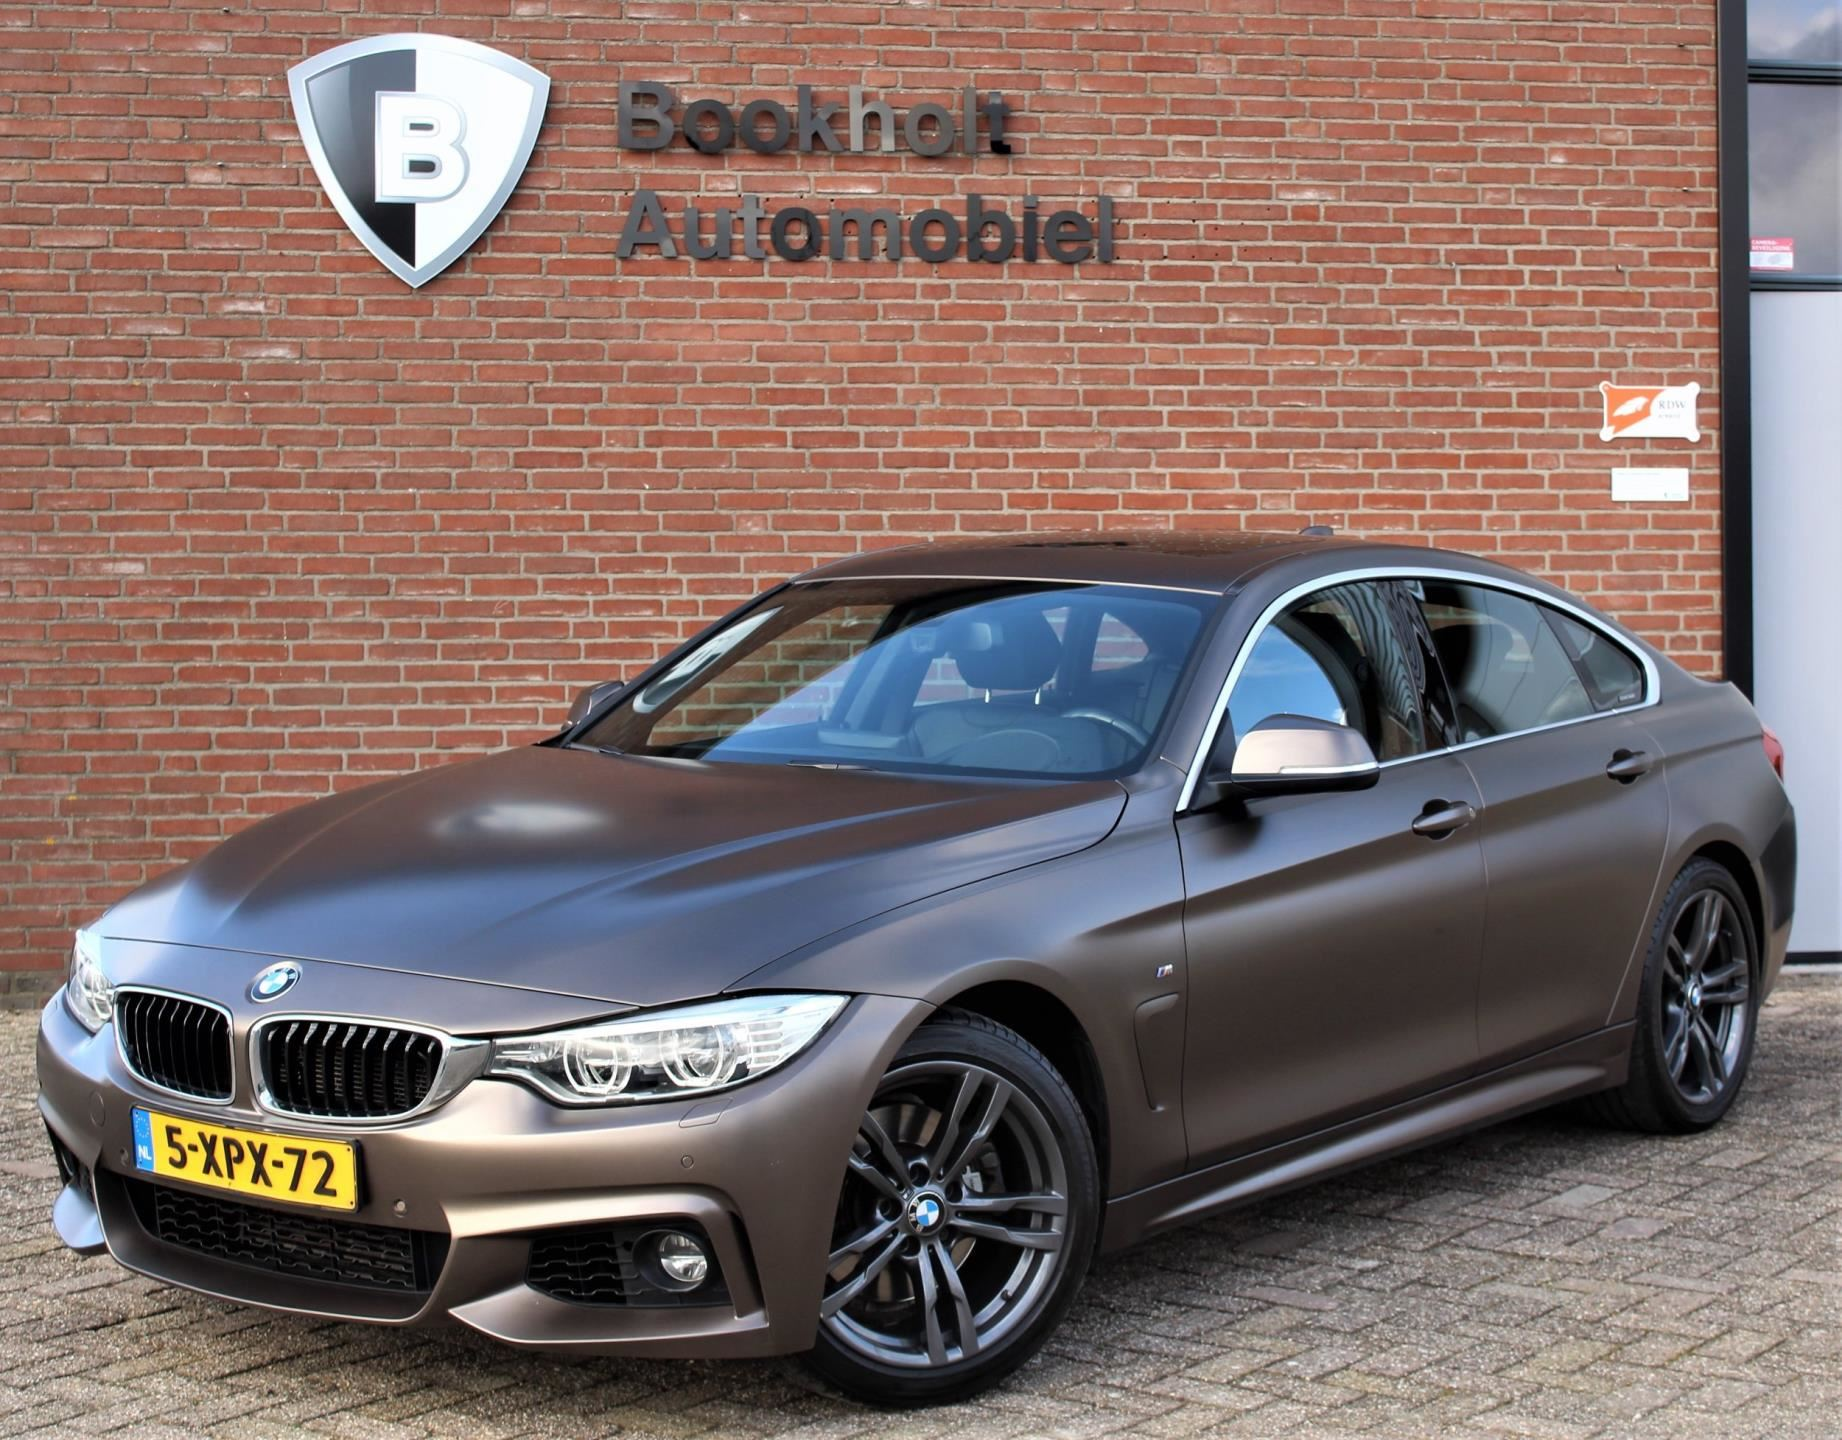 BMW 4-serie Gran Coupé occasion - Bookholt Automobiel